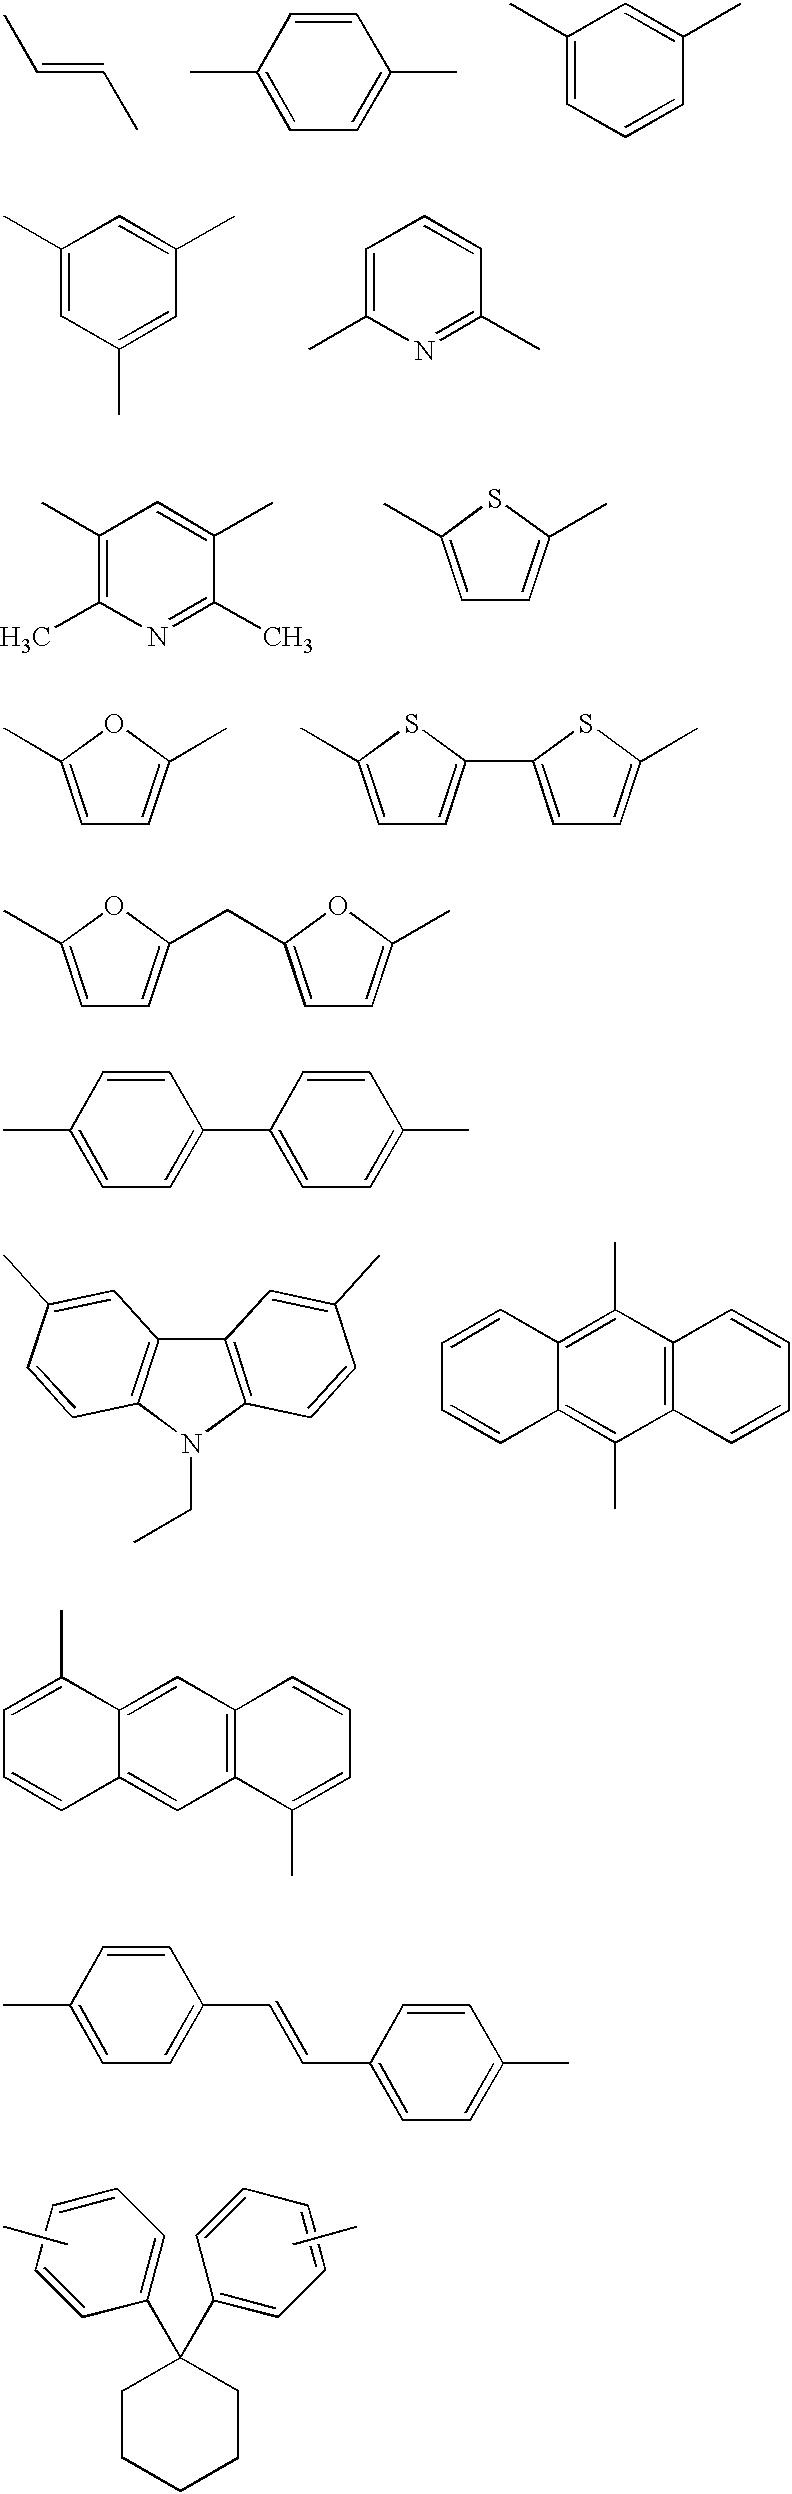 Figure US20030168970A1-20030911-C00007